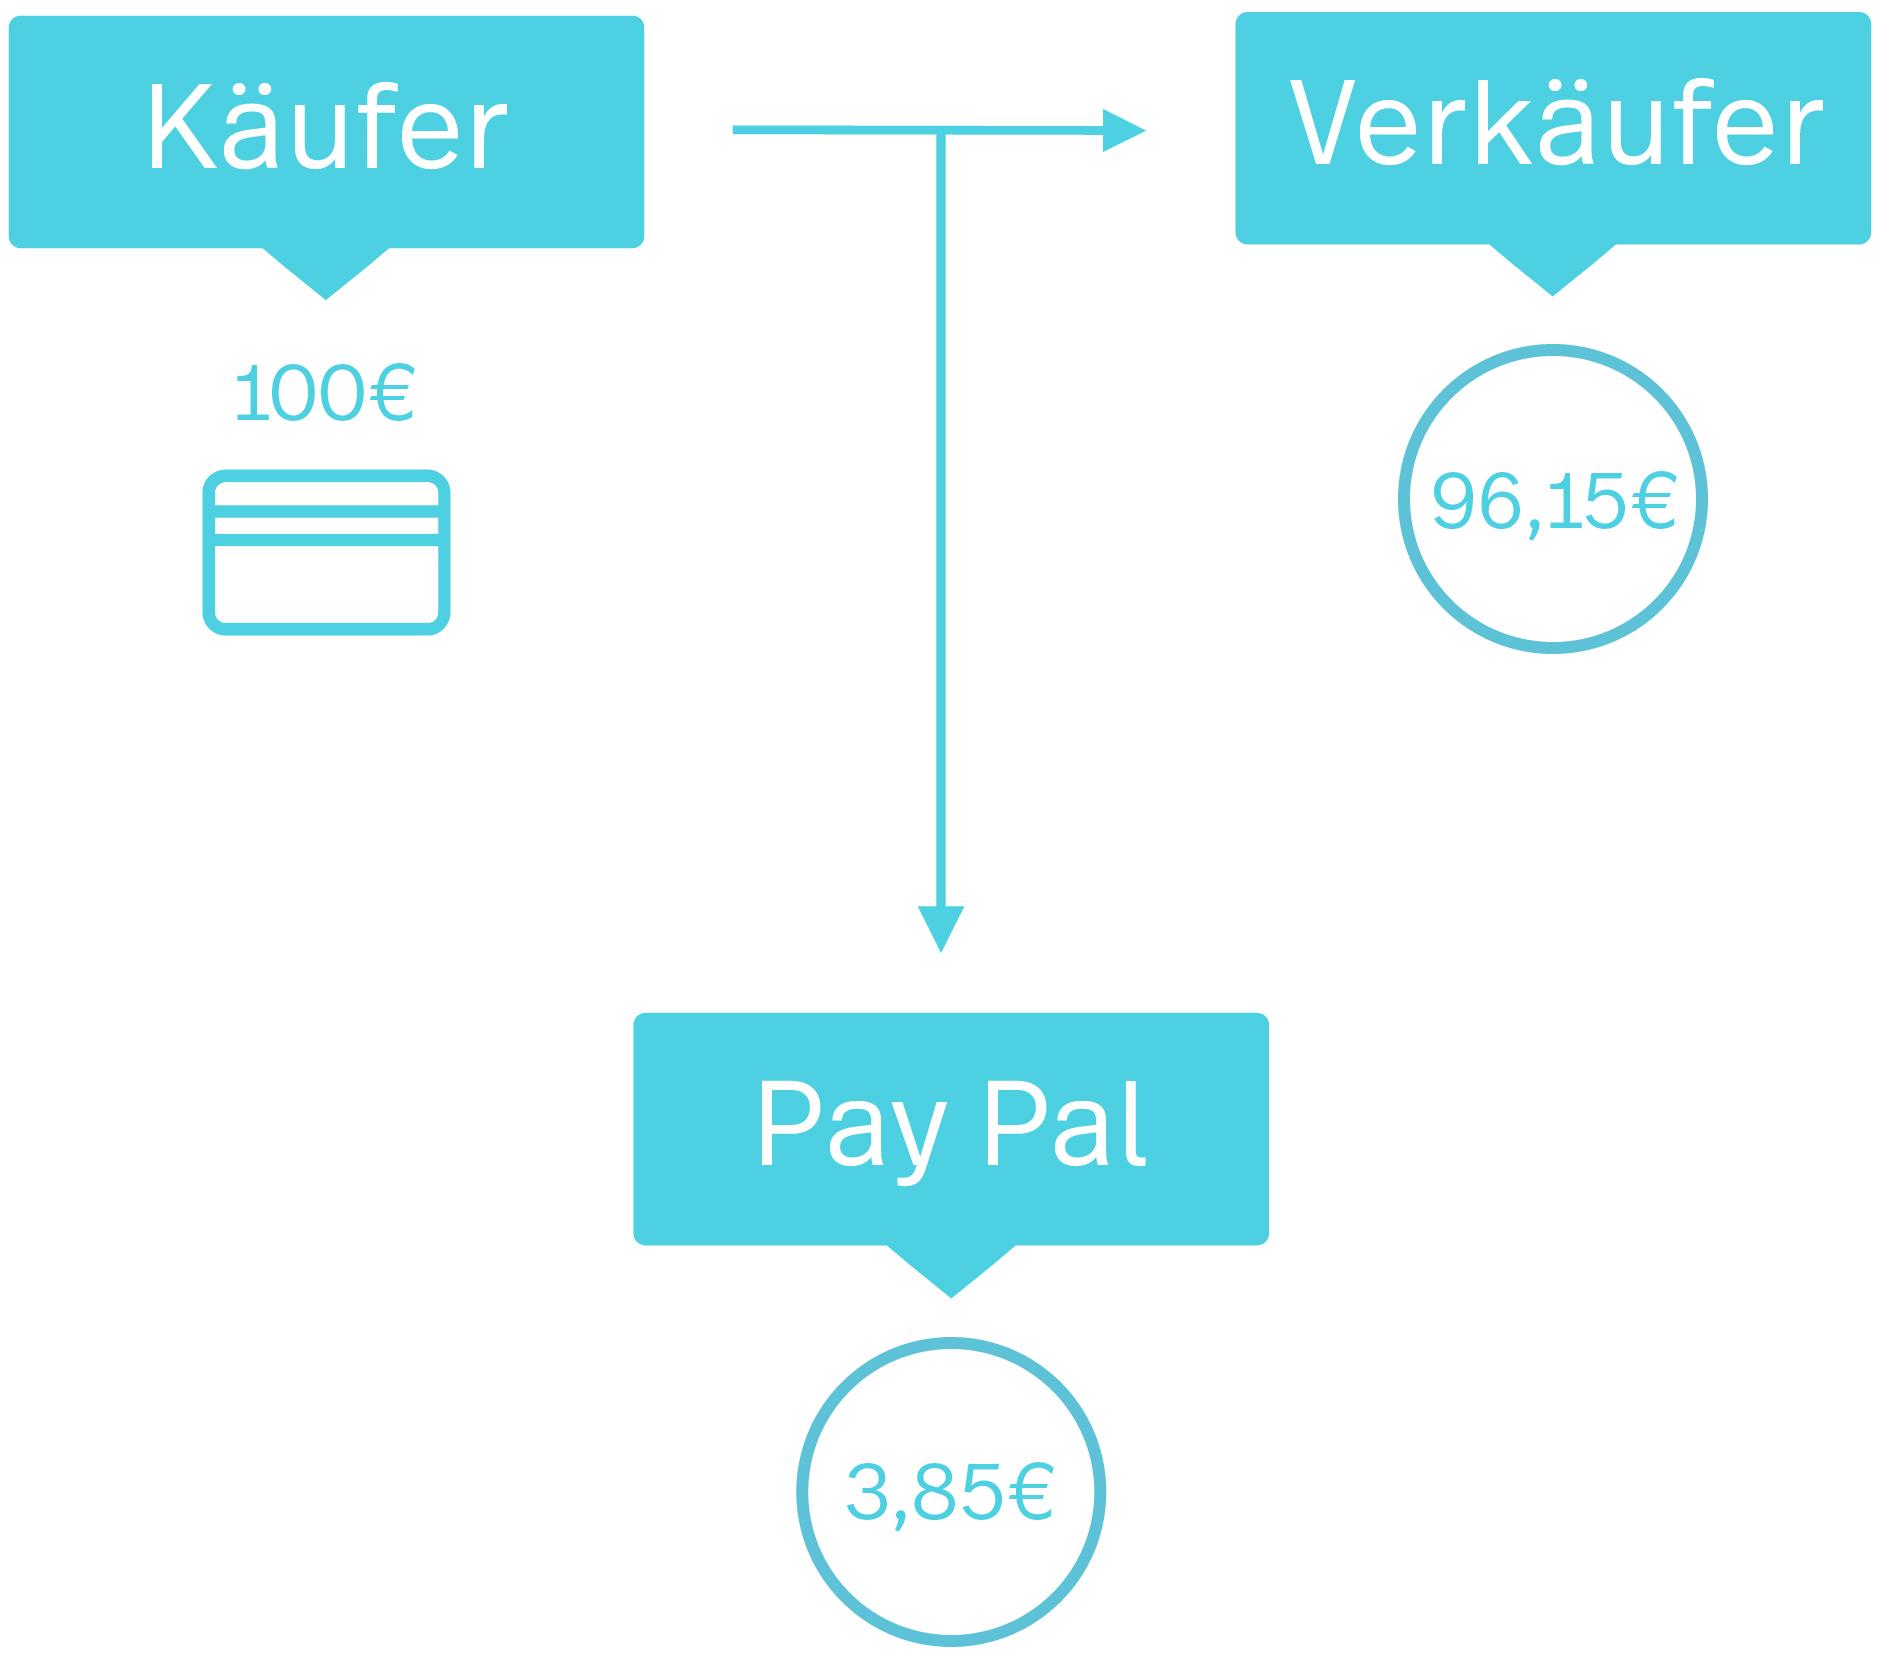 Eine Grafik, die beispielhaft die Provision bei einer PayPal-Transaktion veranschaulicht: Zahlt ein Kunde 100 Euro, so erhält der Verkäufer davon 96,15 Euro. 3,85 Euro gehen als Gebühr an PayPal.